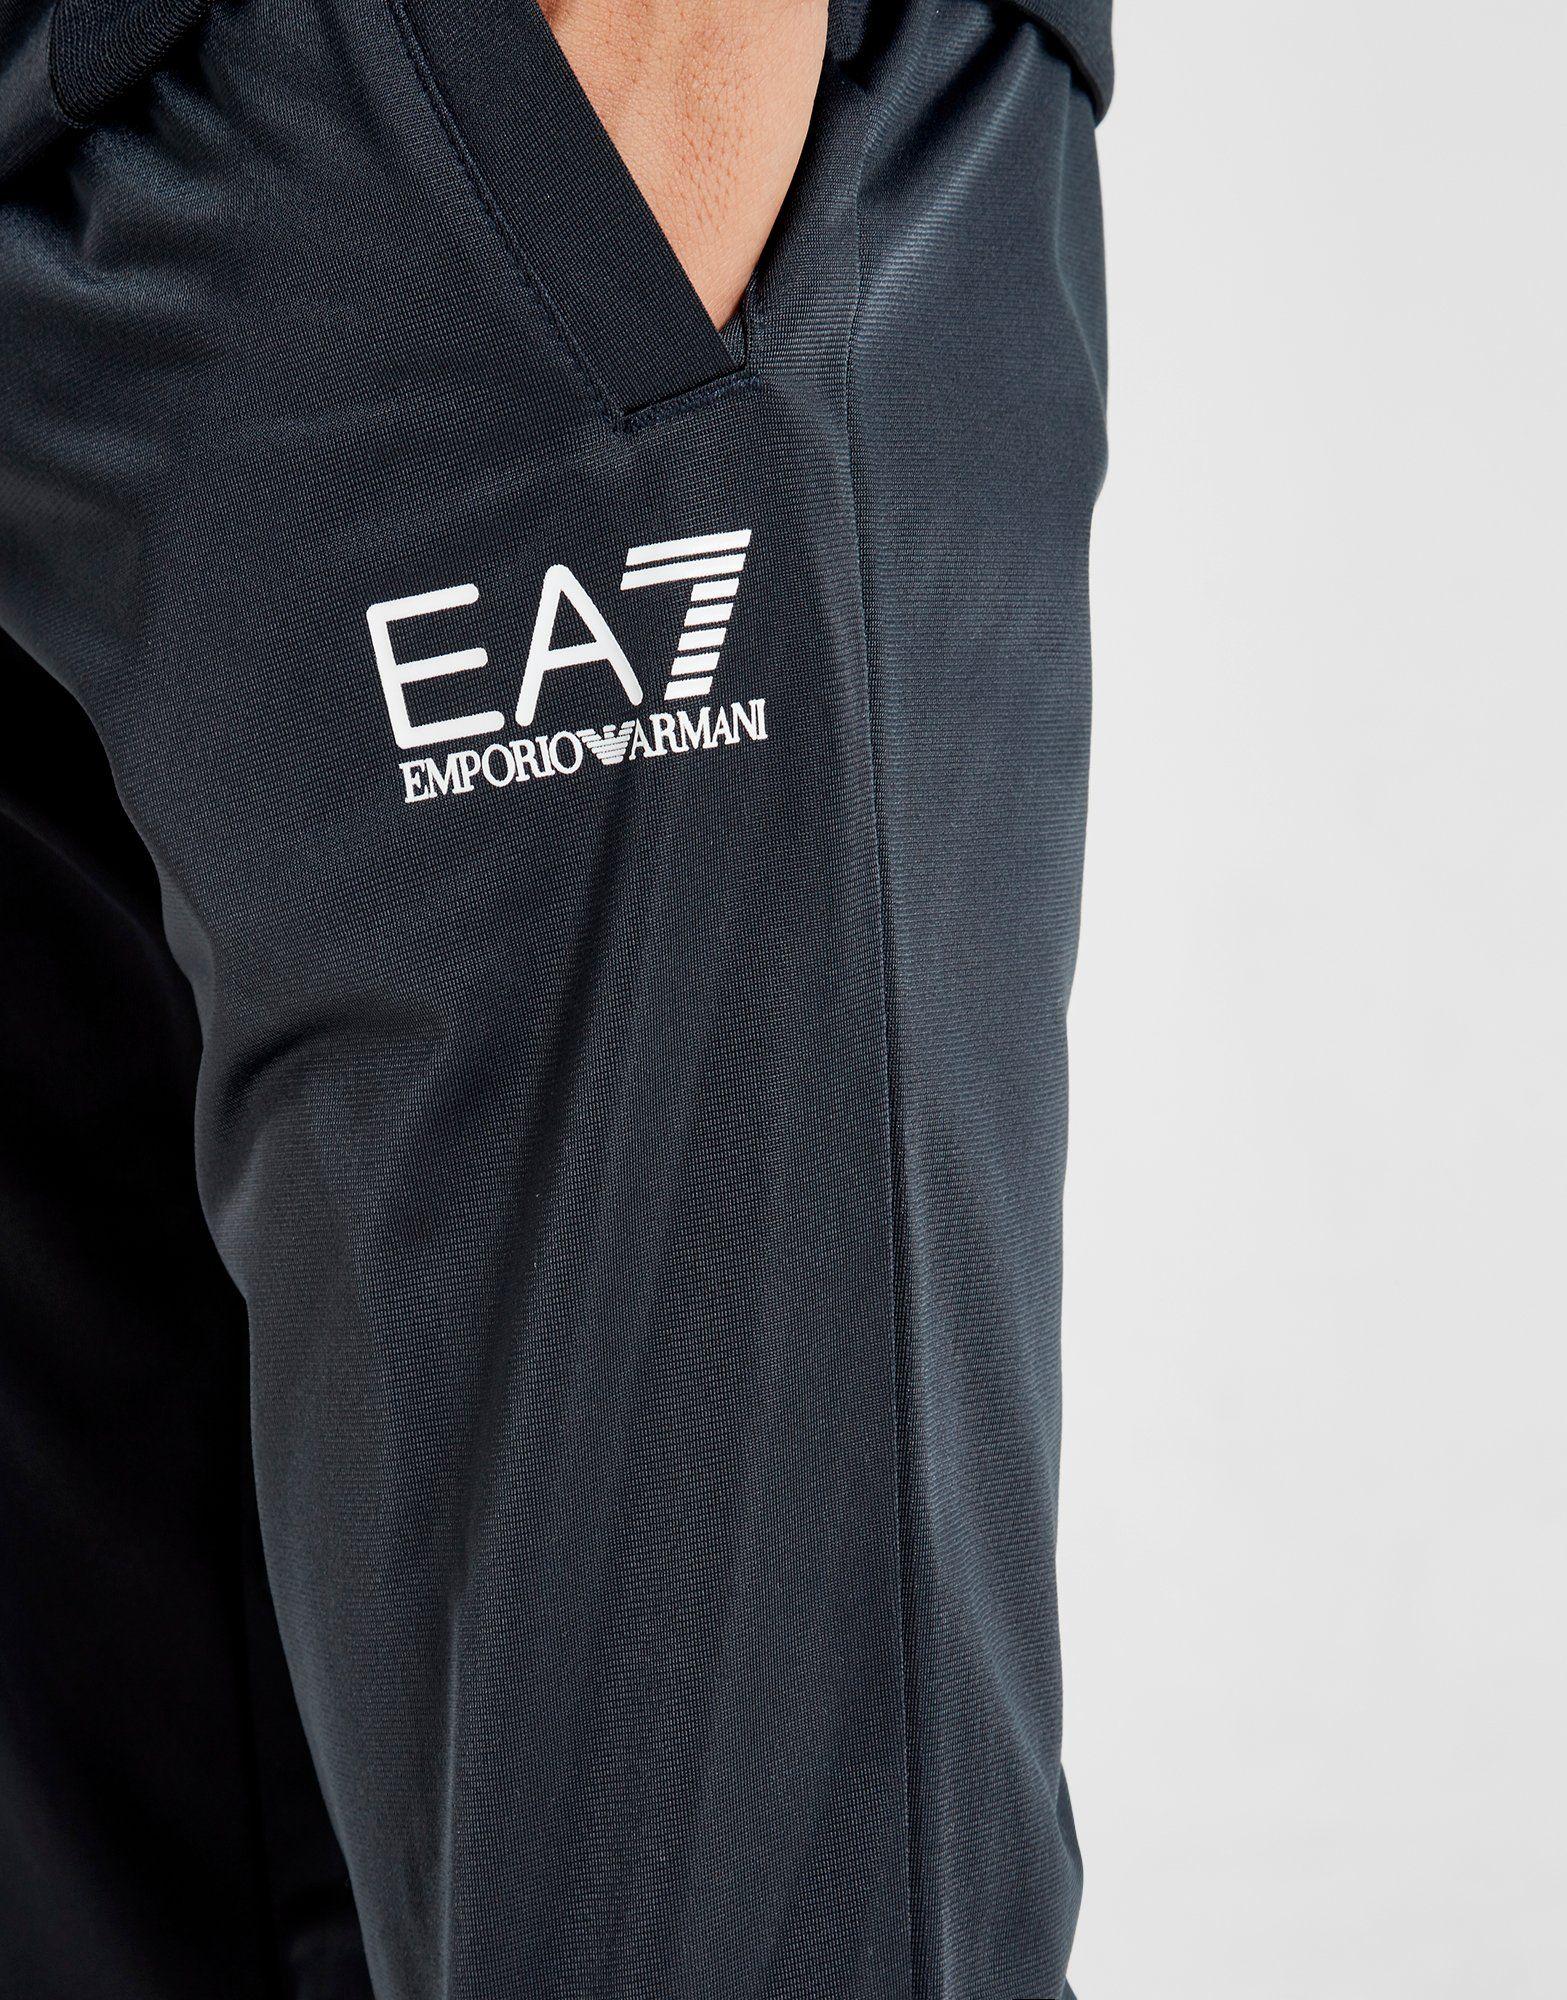 Emporio Armani EA7 Trainingsanzug Kinder